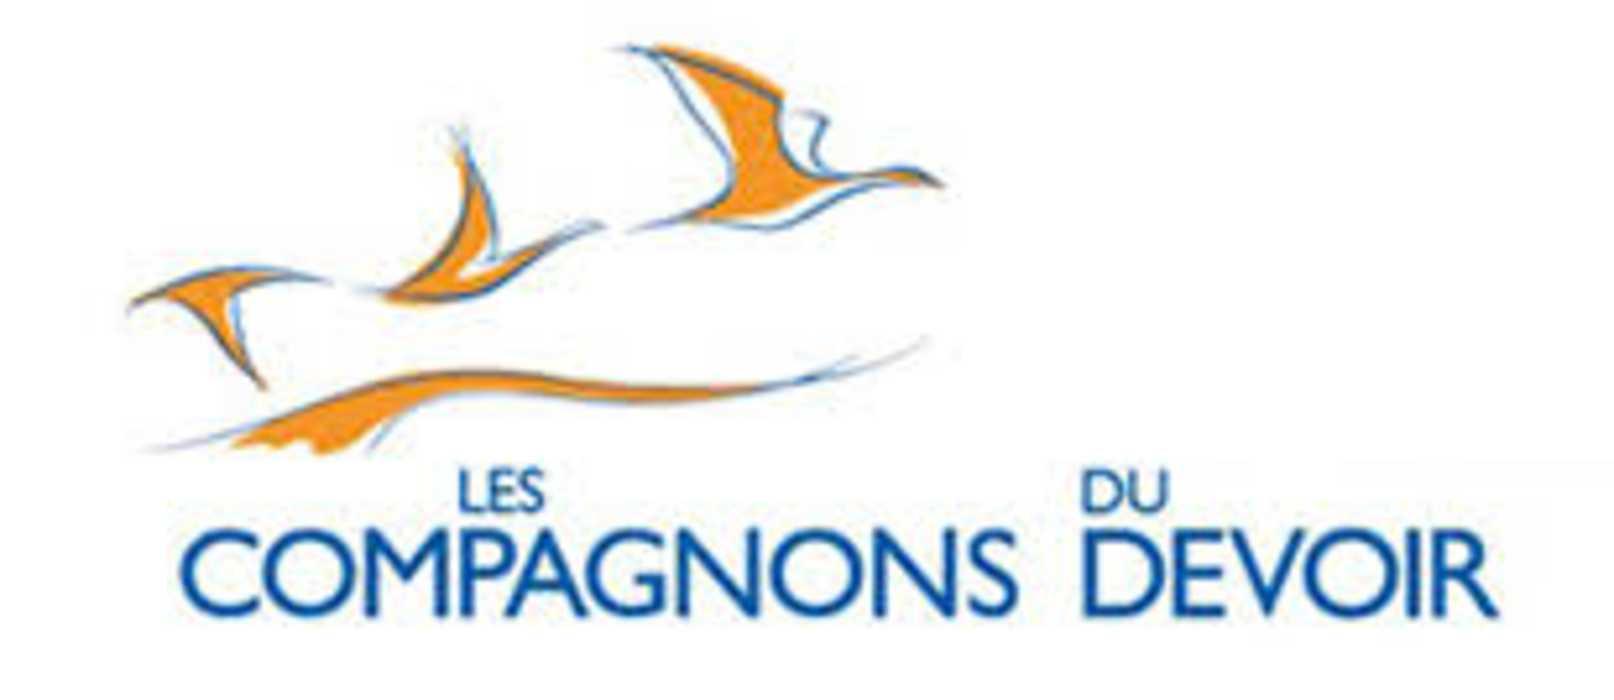 Les compagnons du devoir : 8 et 9 mars à Trégueux 0